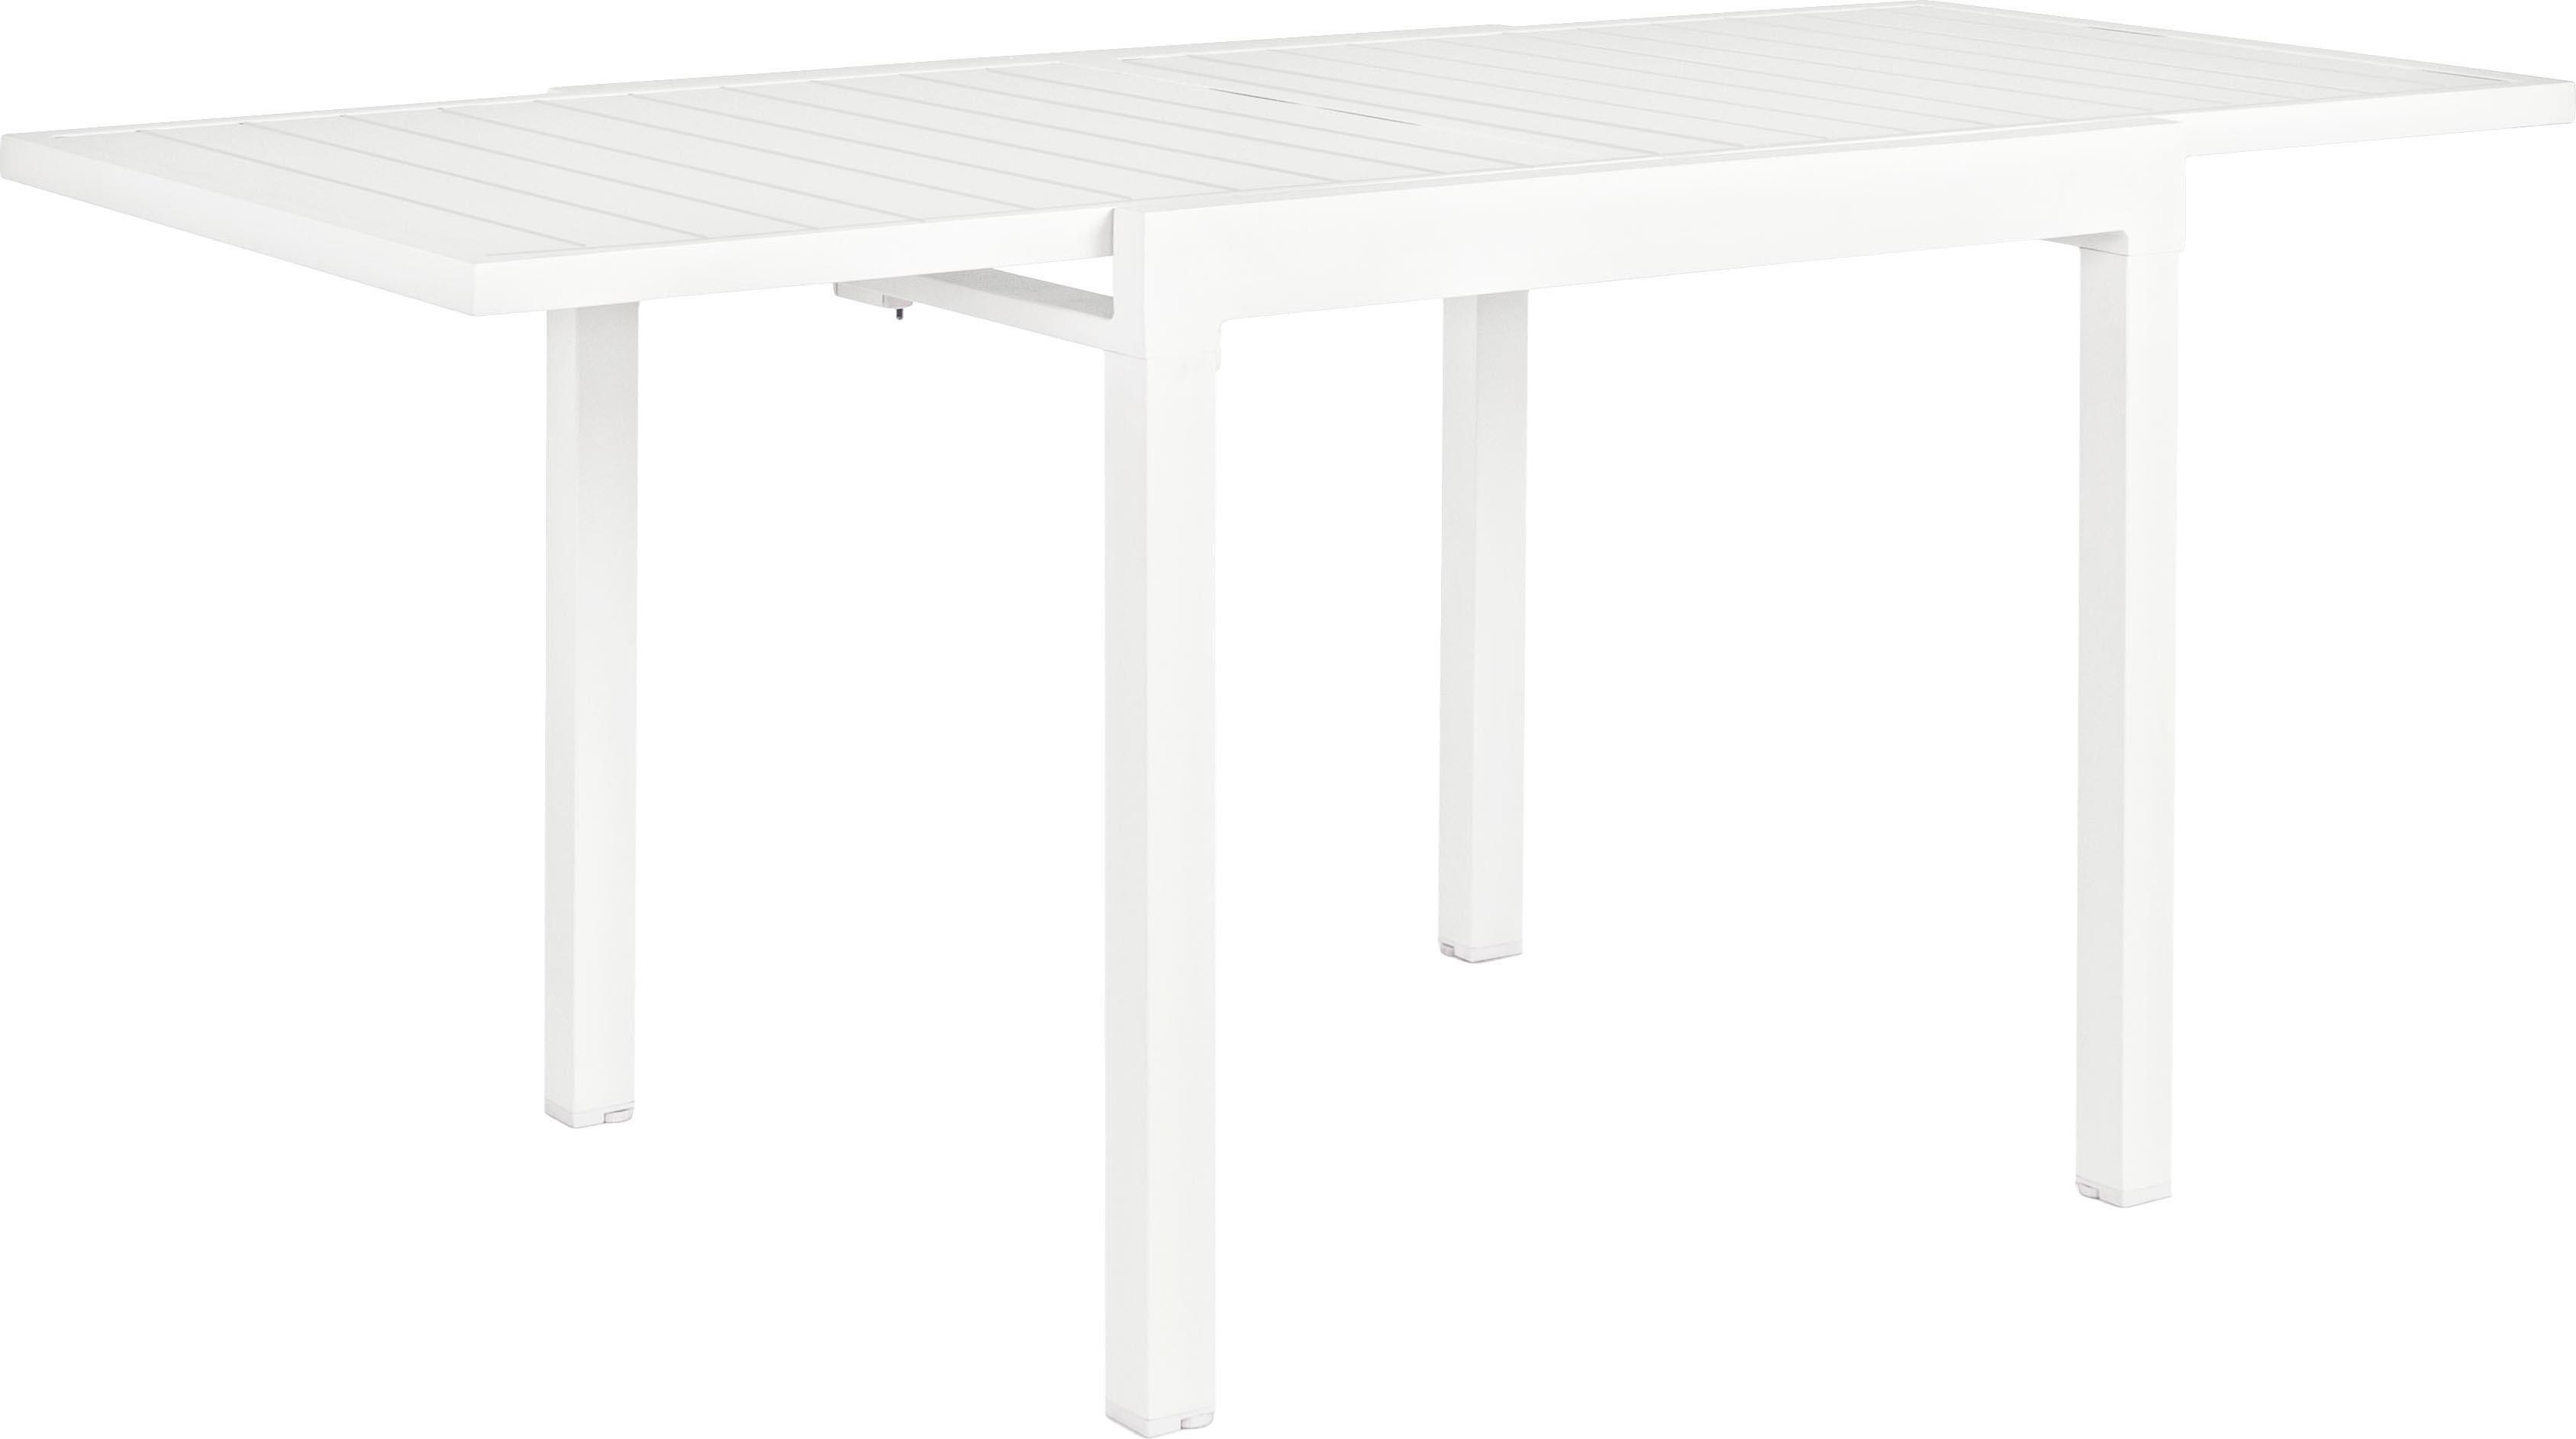 Mesa de exterior extensible Pelagius, Aluminio con pintura en polvo, Blanco, An 83 - 166 x F 80 cm